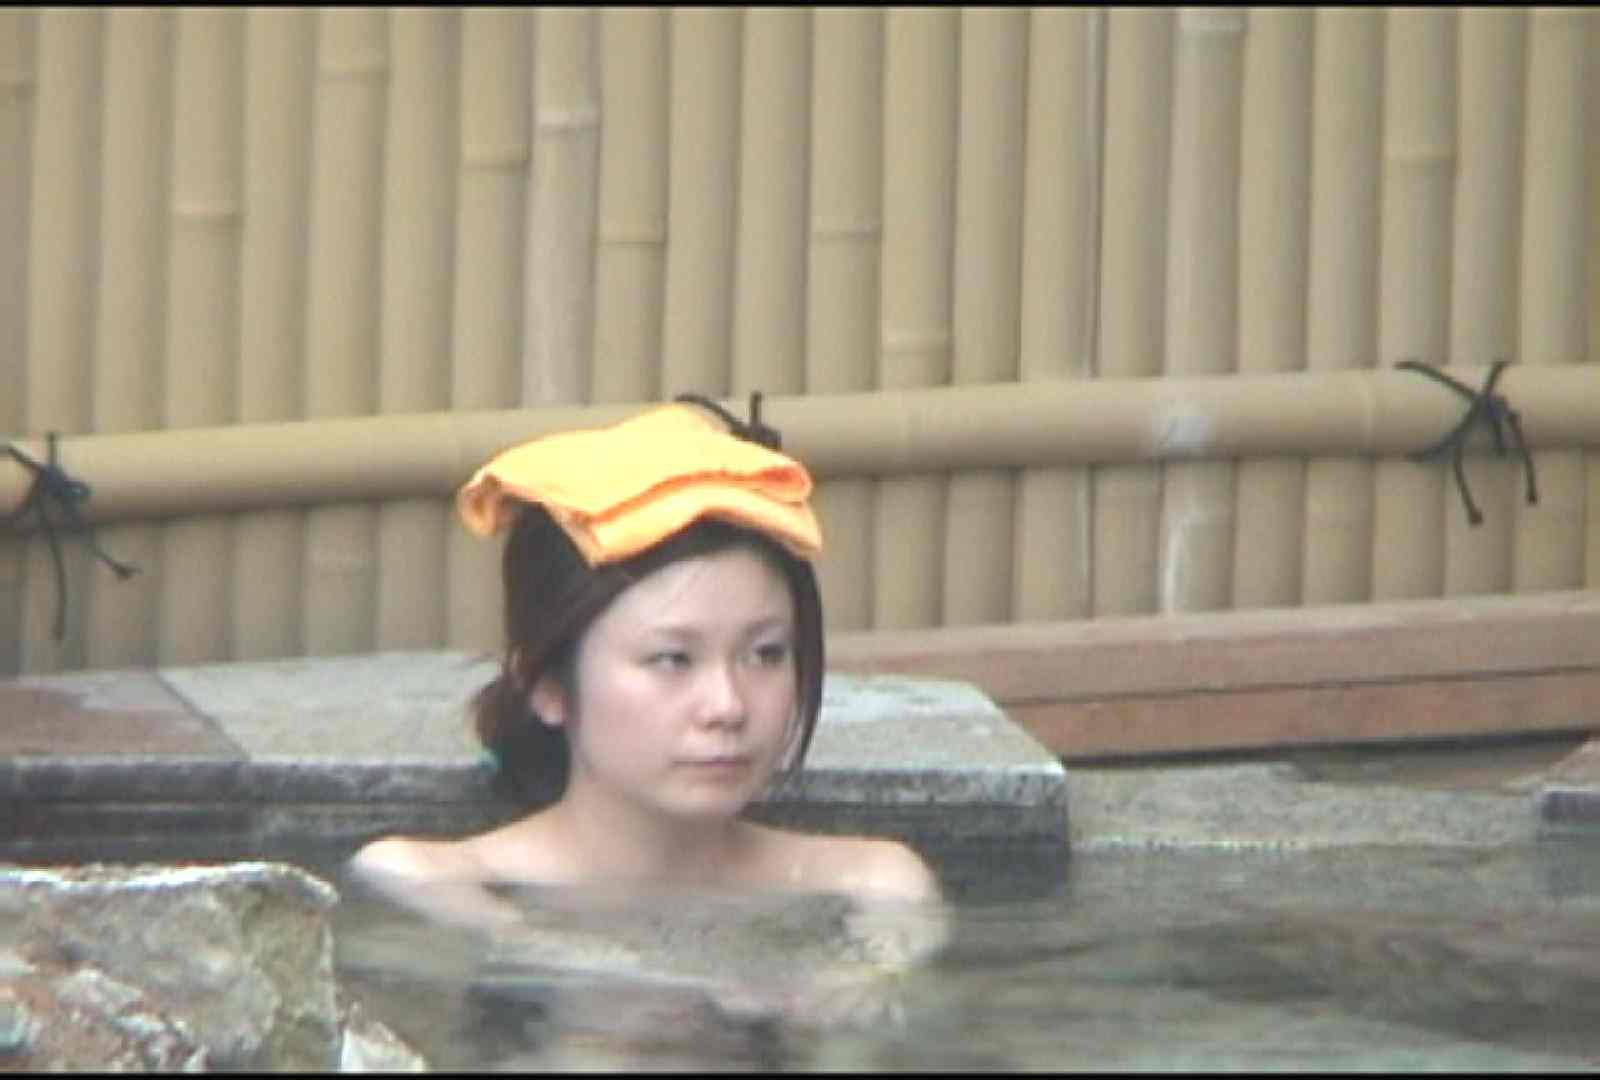 Aquaな露天風呂Vol.177 盗撮師作品   美しいOLの裸体  102pic 4